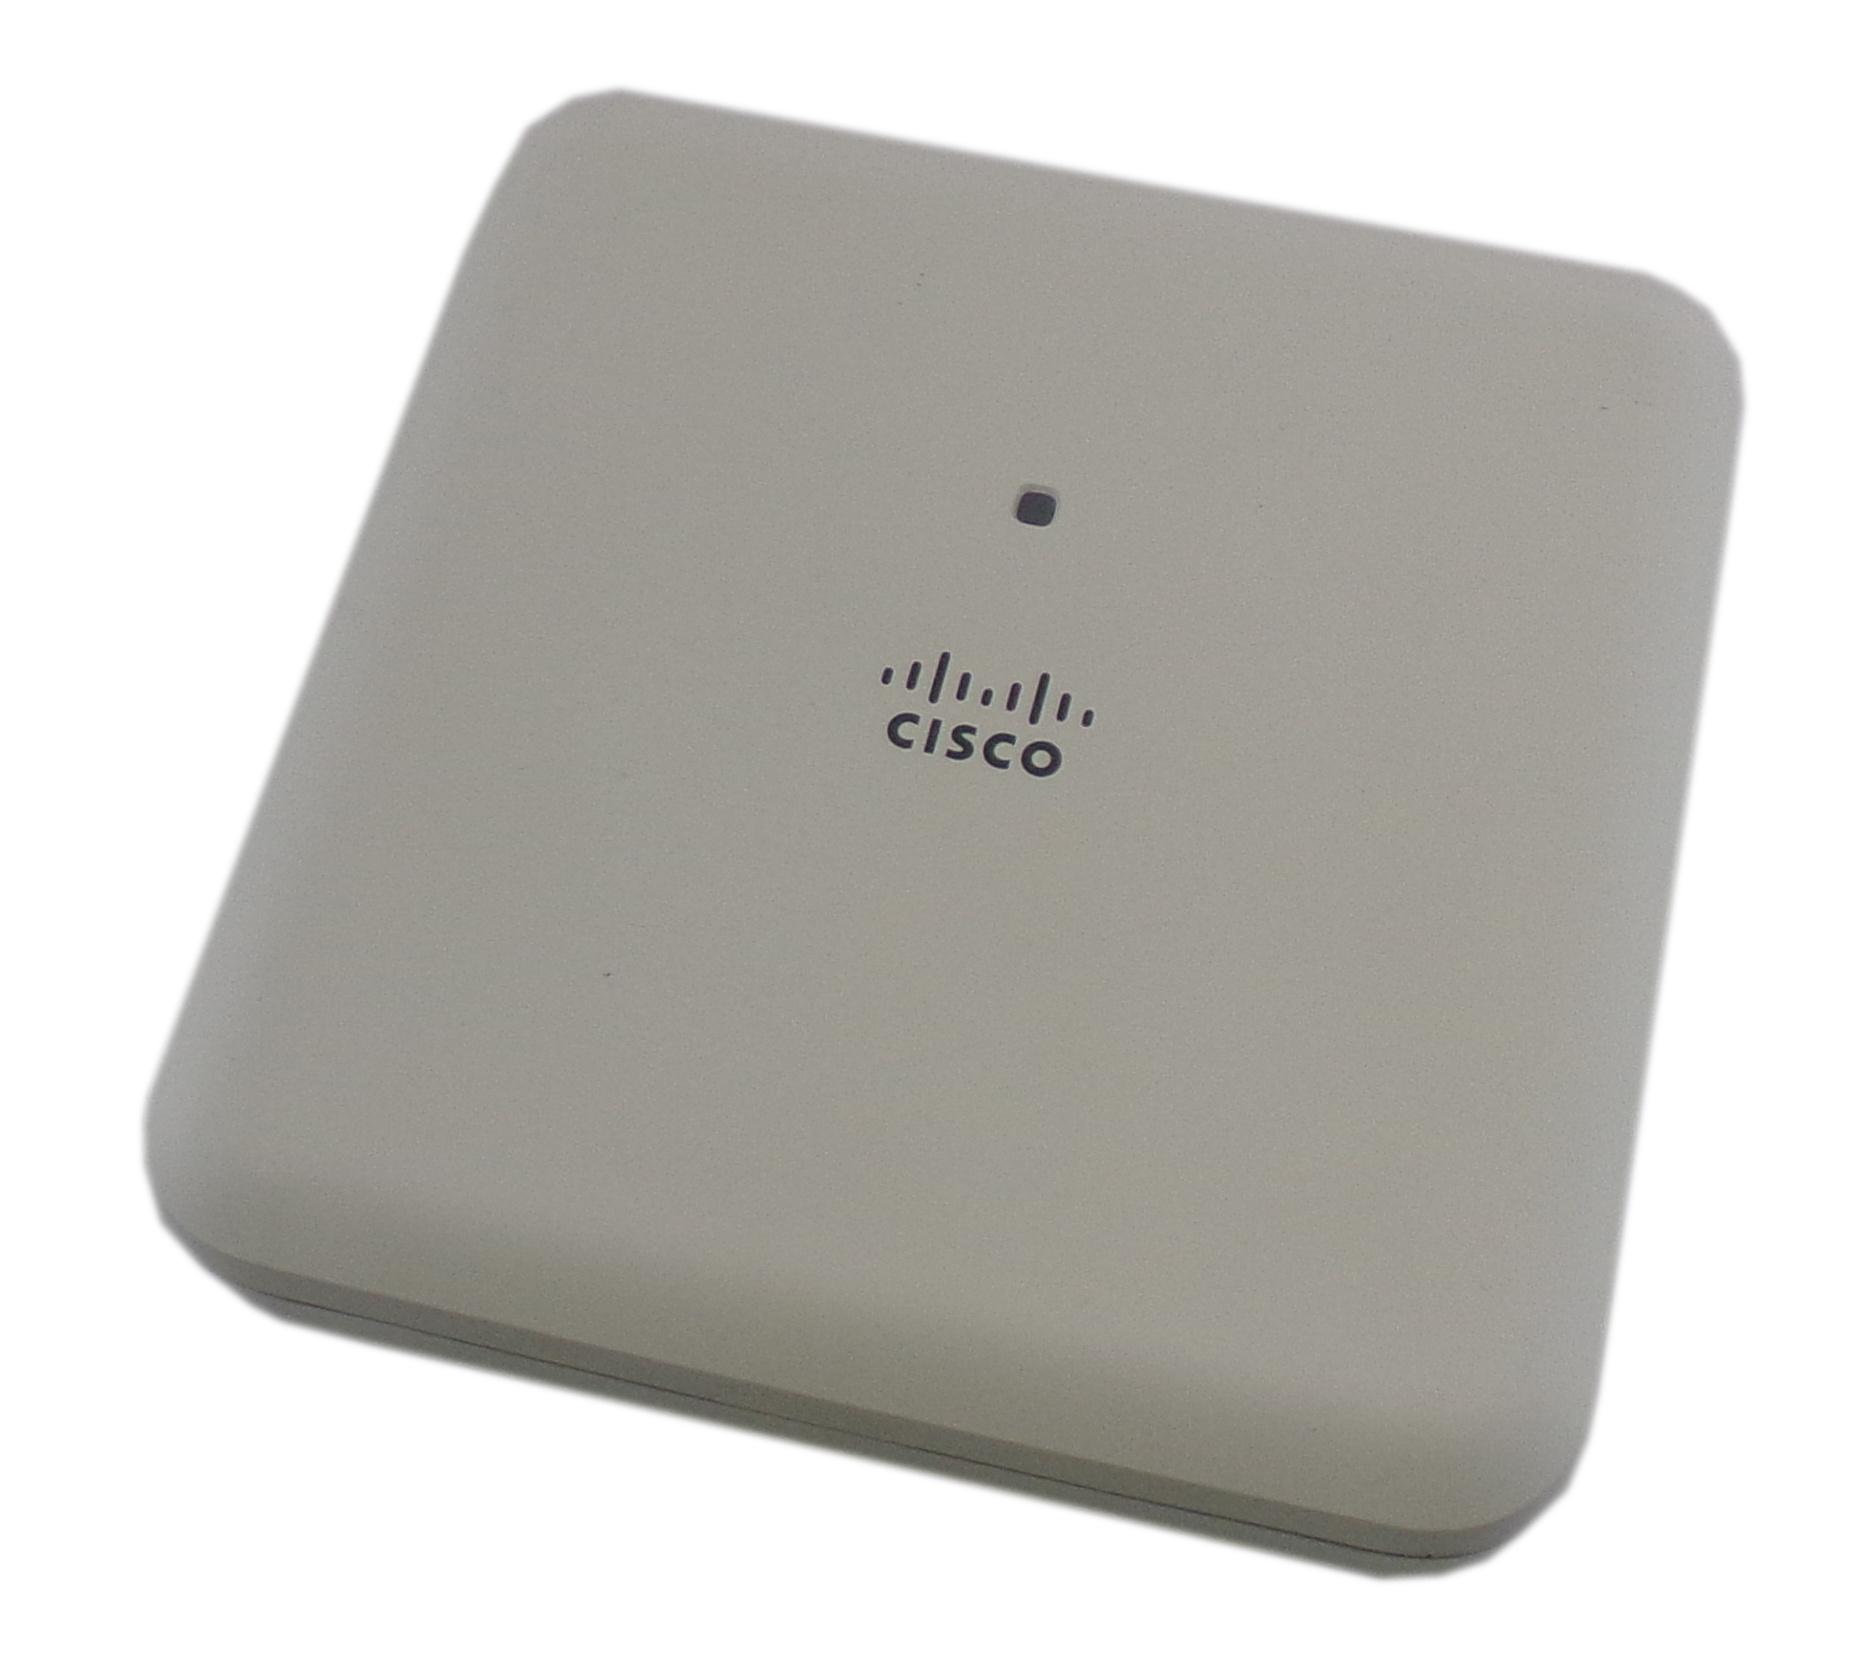 Cisco AIR-AP1832I-E-K9 Aironet 1832 Series 802.11ac Dual Band Access Point